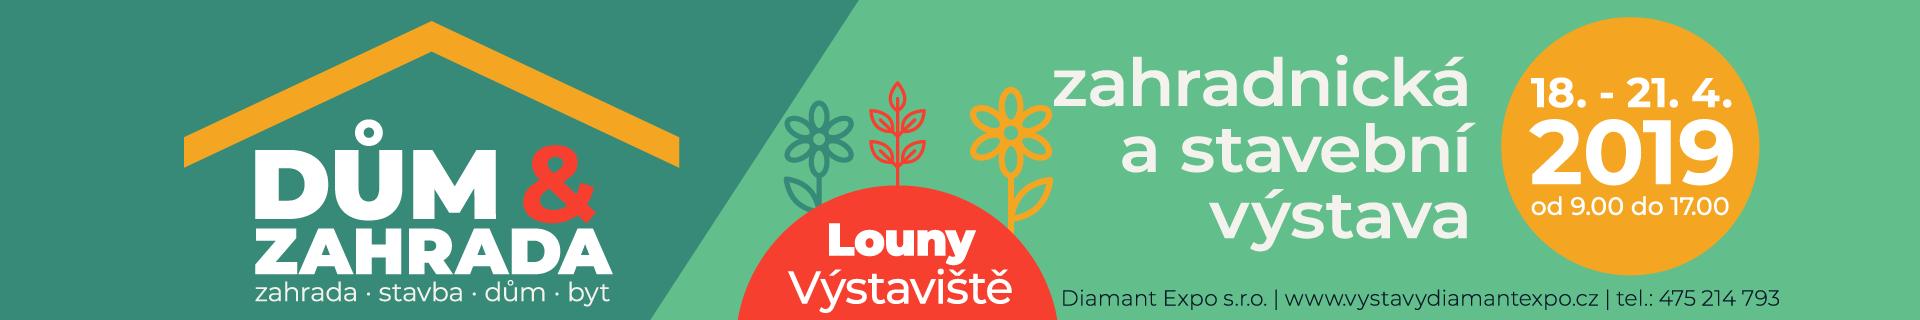 dz-ln-1920x320-web_novy